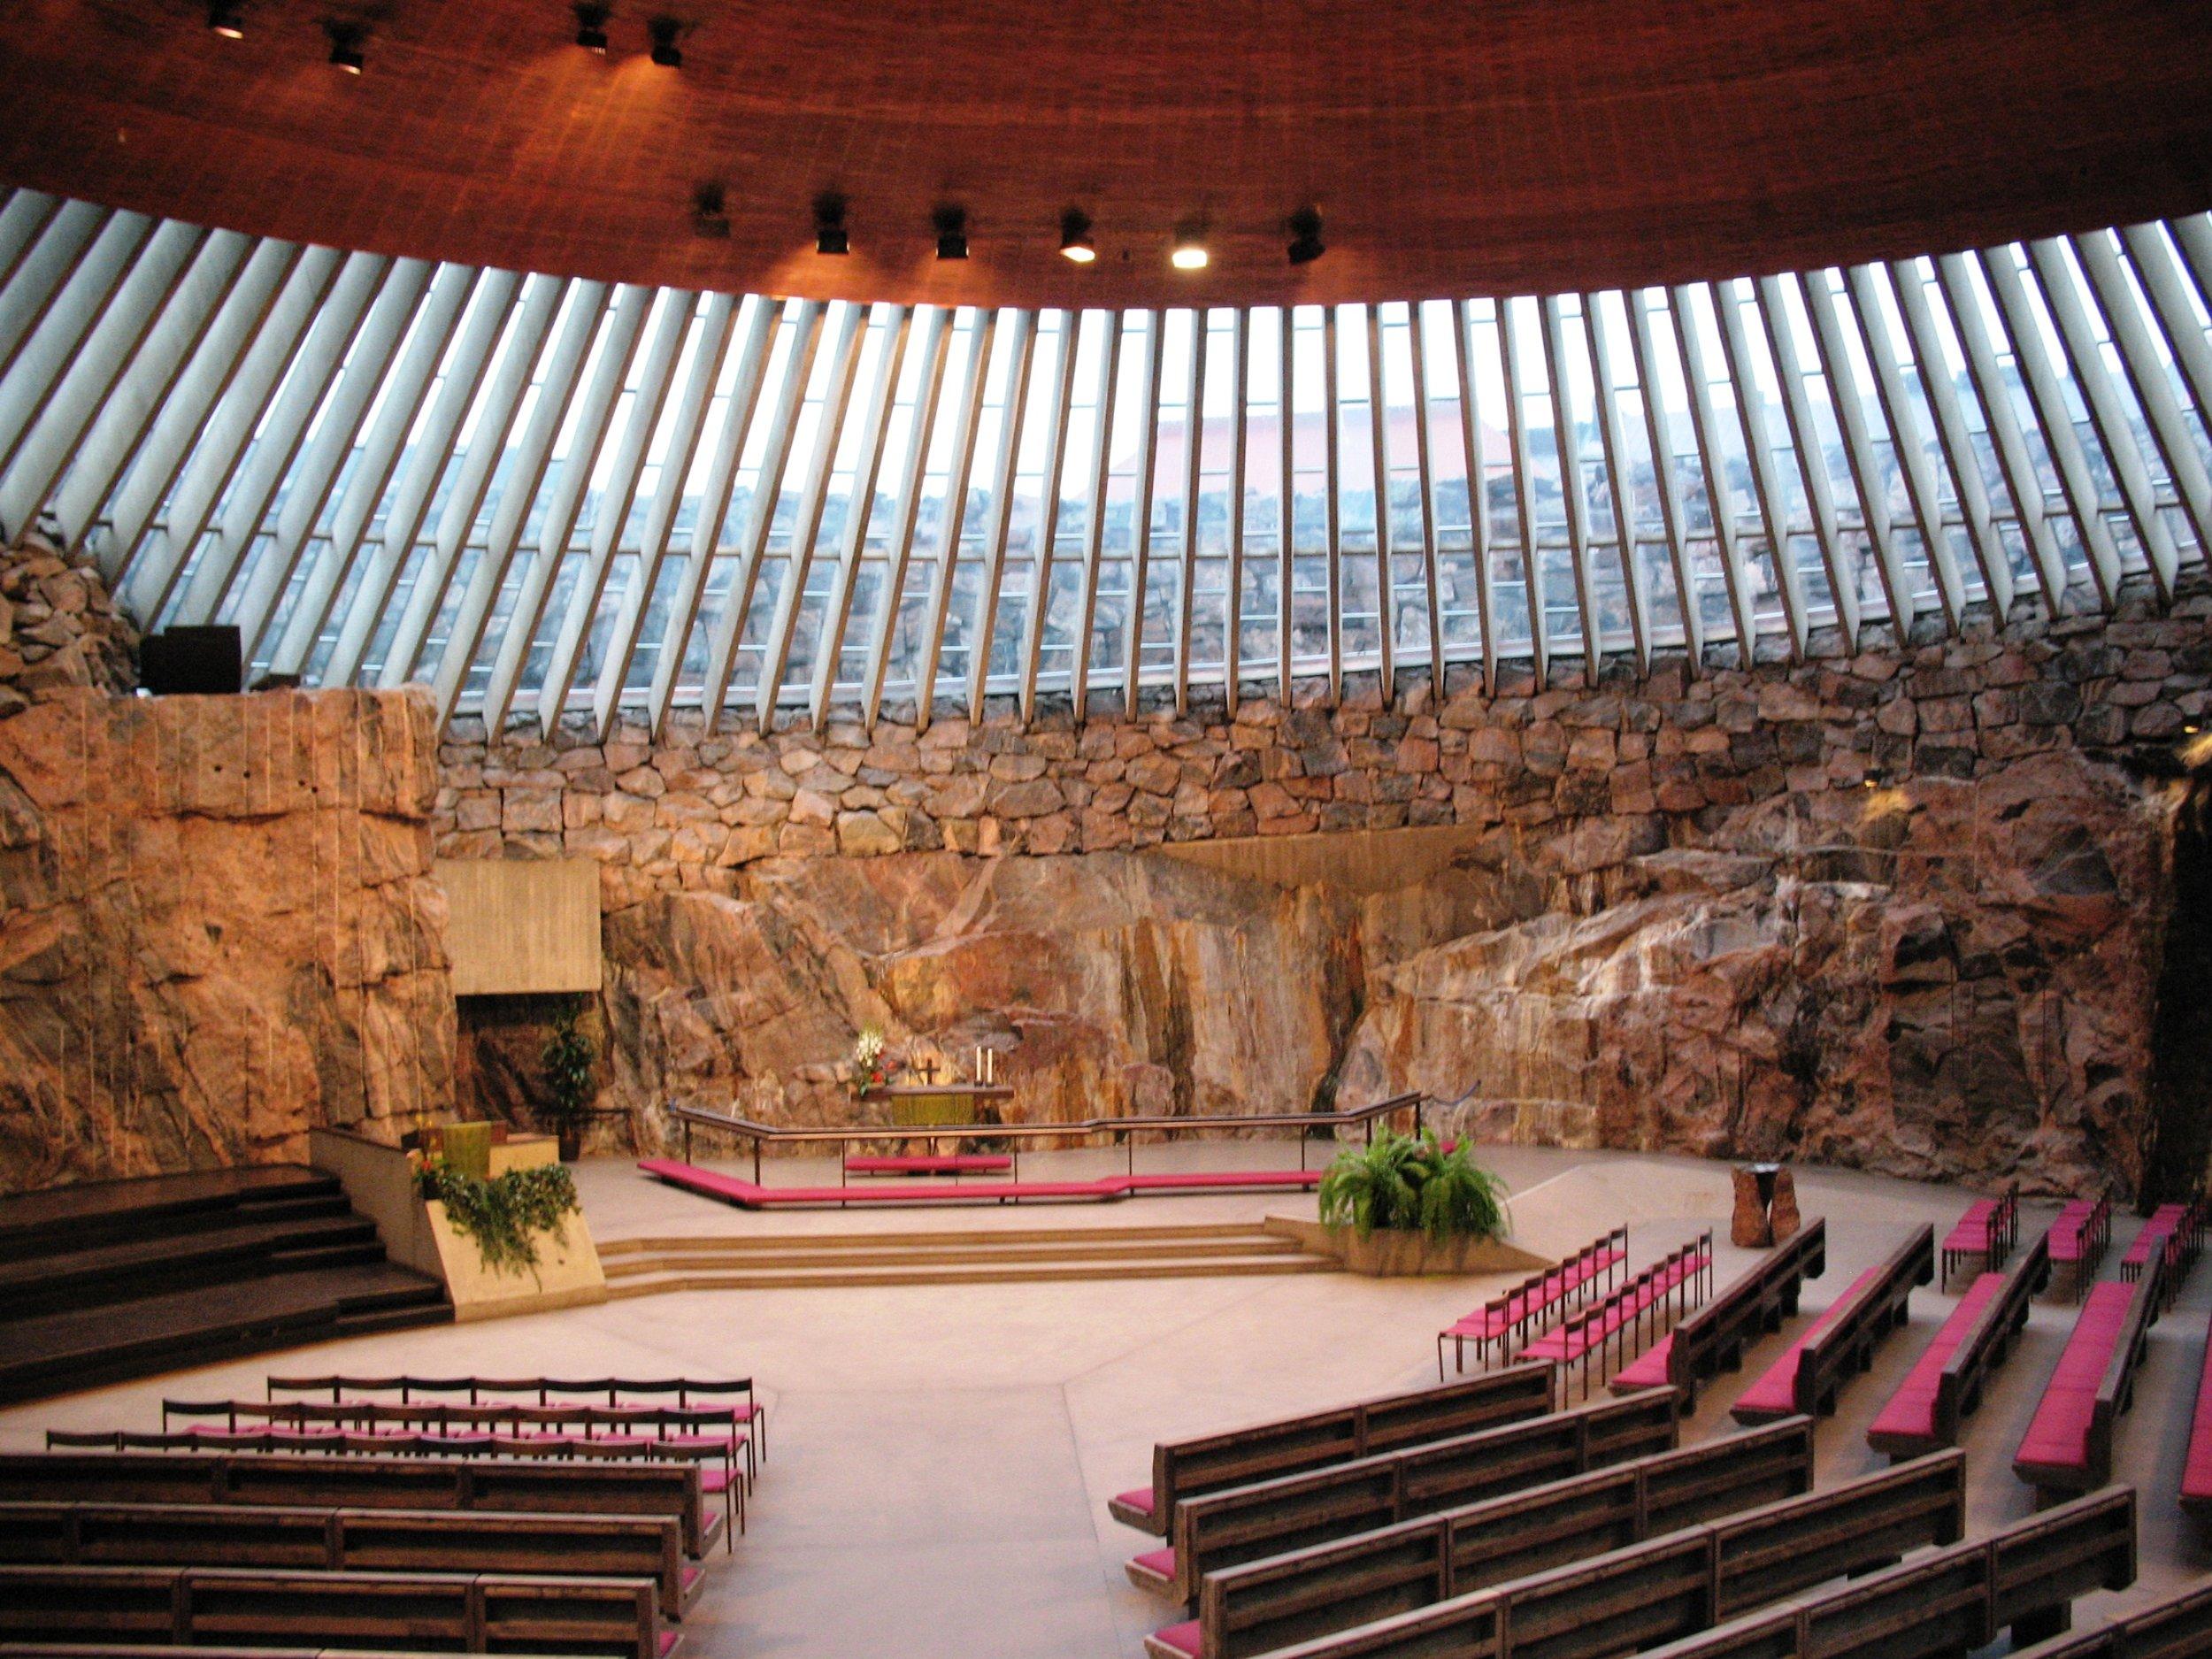 Temppeliaukio_Kirkko_(Rock_Church),_Helsinki.jpg